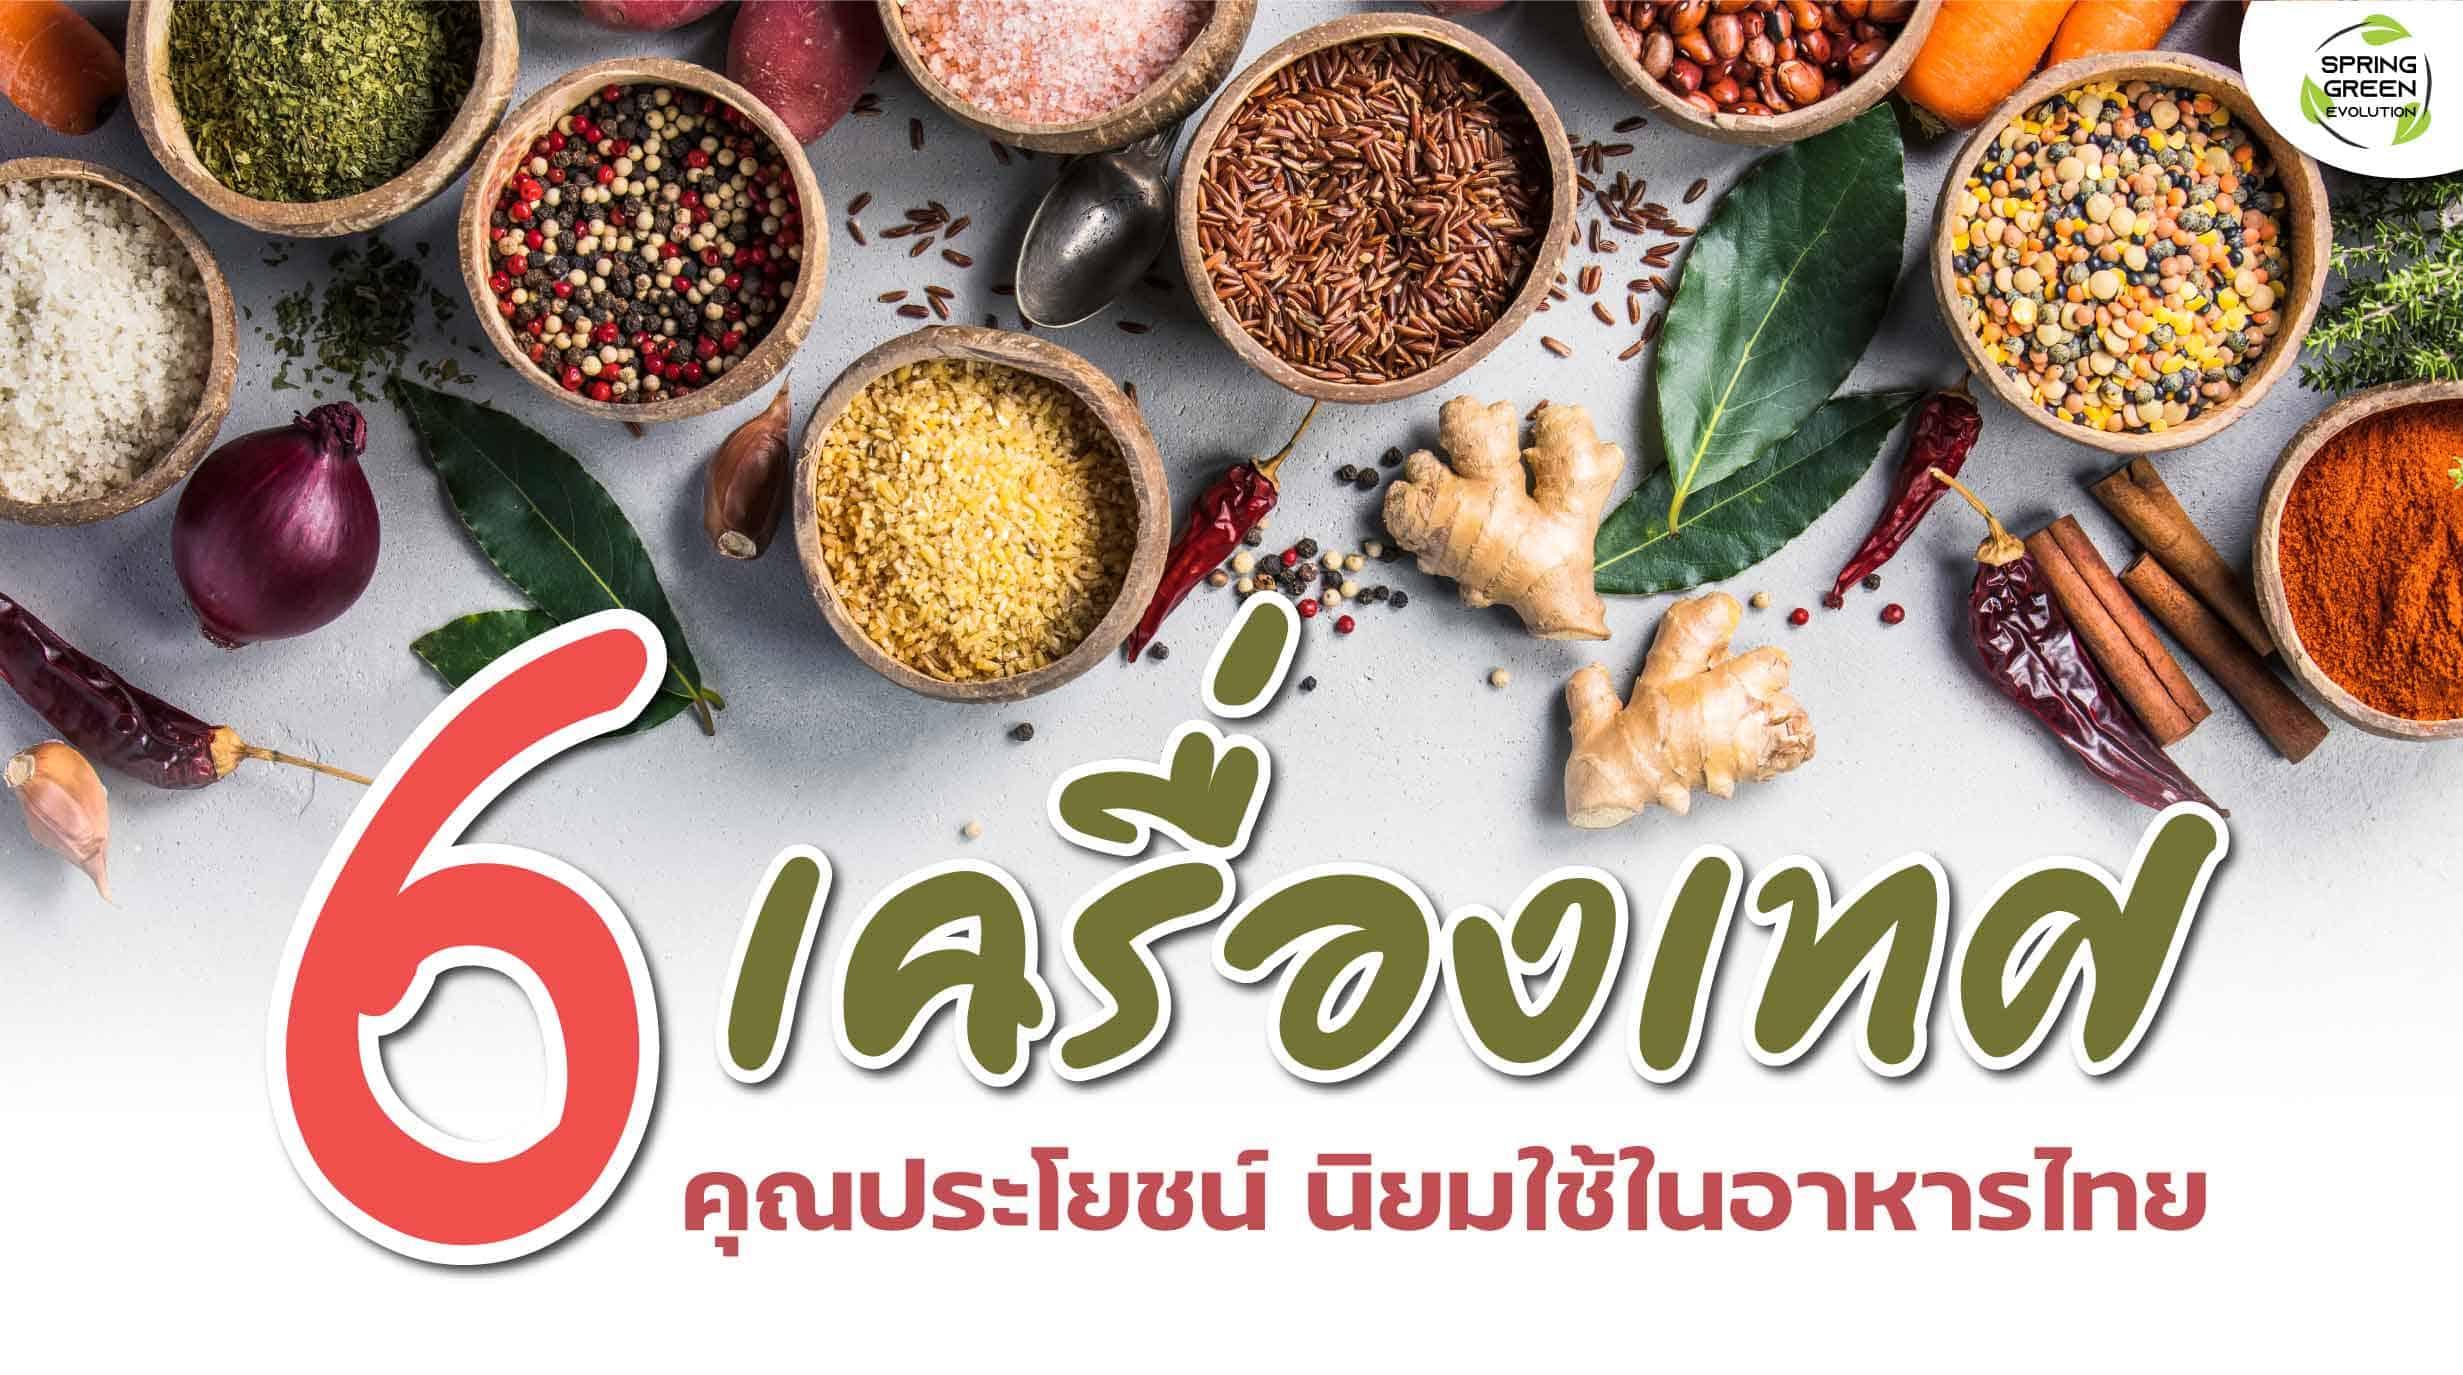 210408-Content-6-ประโยชน์เครื่องเทศ-นิยมใช้ในอาหารไทย01